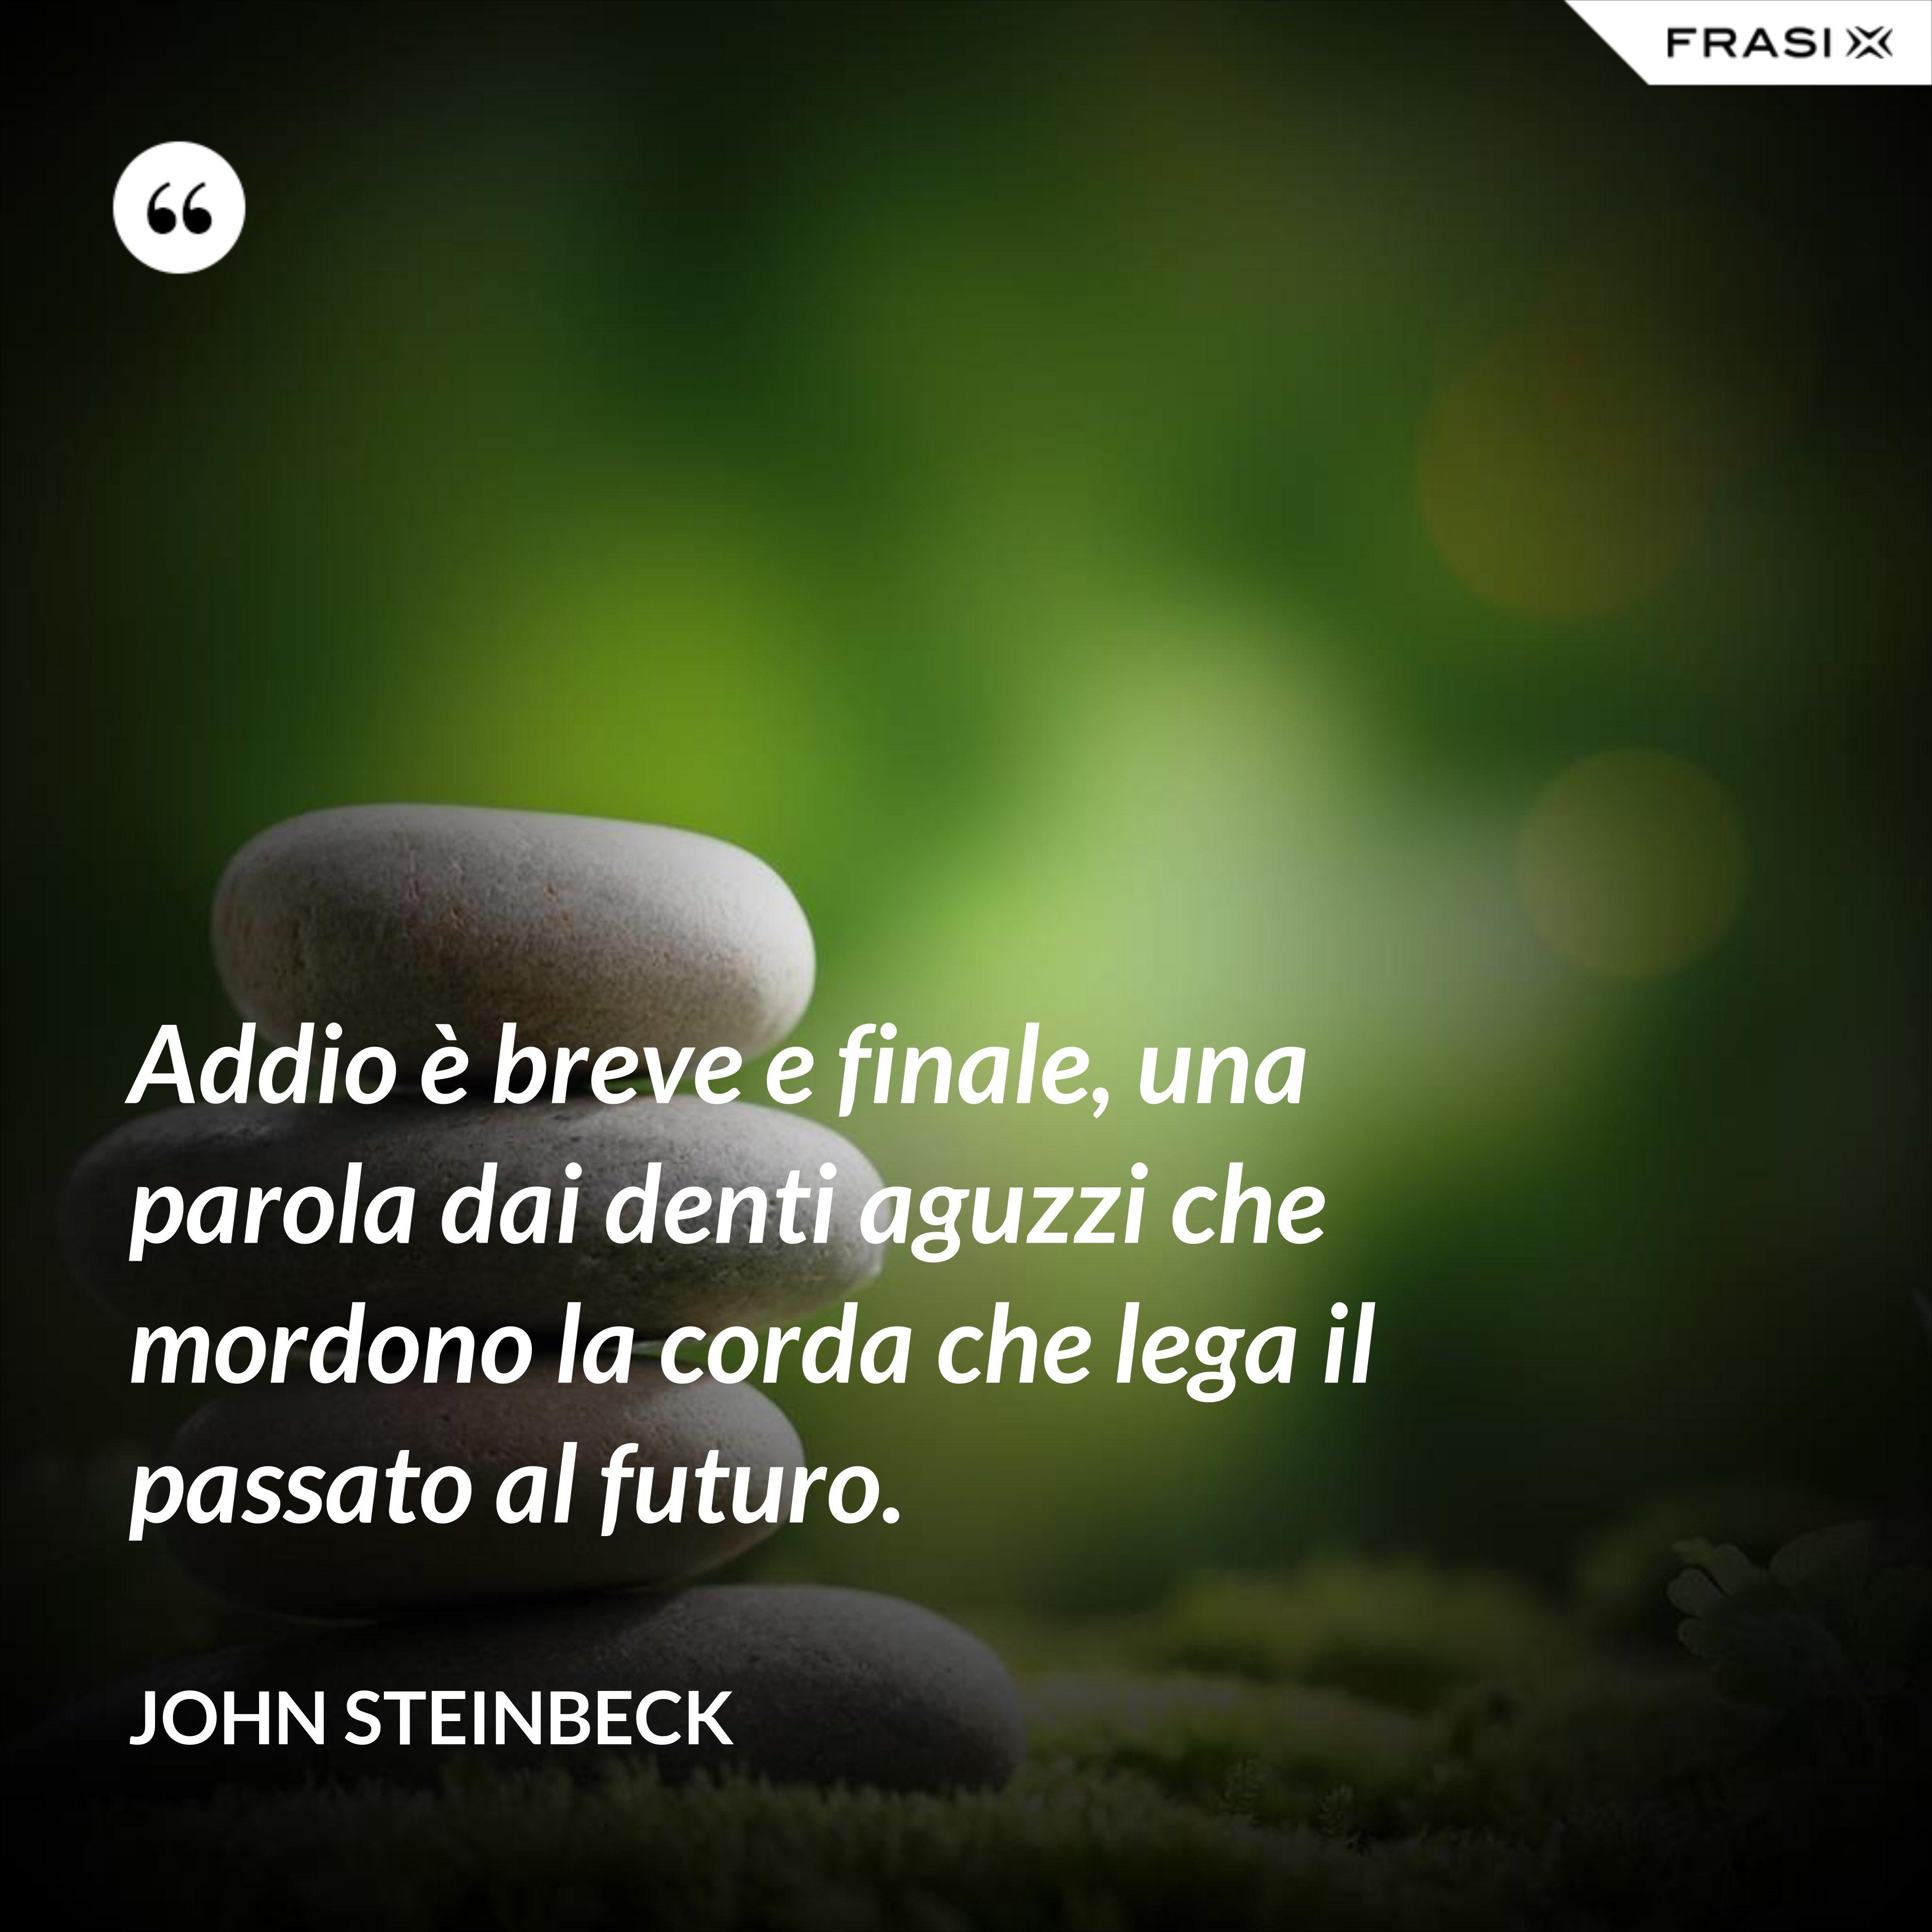 Addio è breve e finale, una parola dai denti aguzzi che mordono la corda che lega il passato al futuro. - John Steinbeck